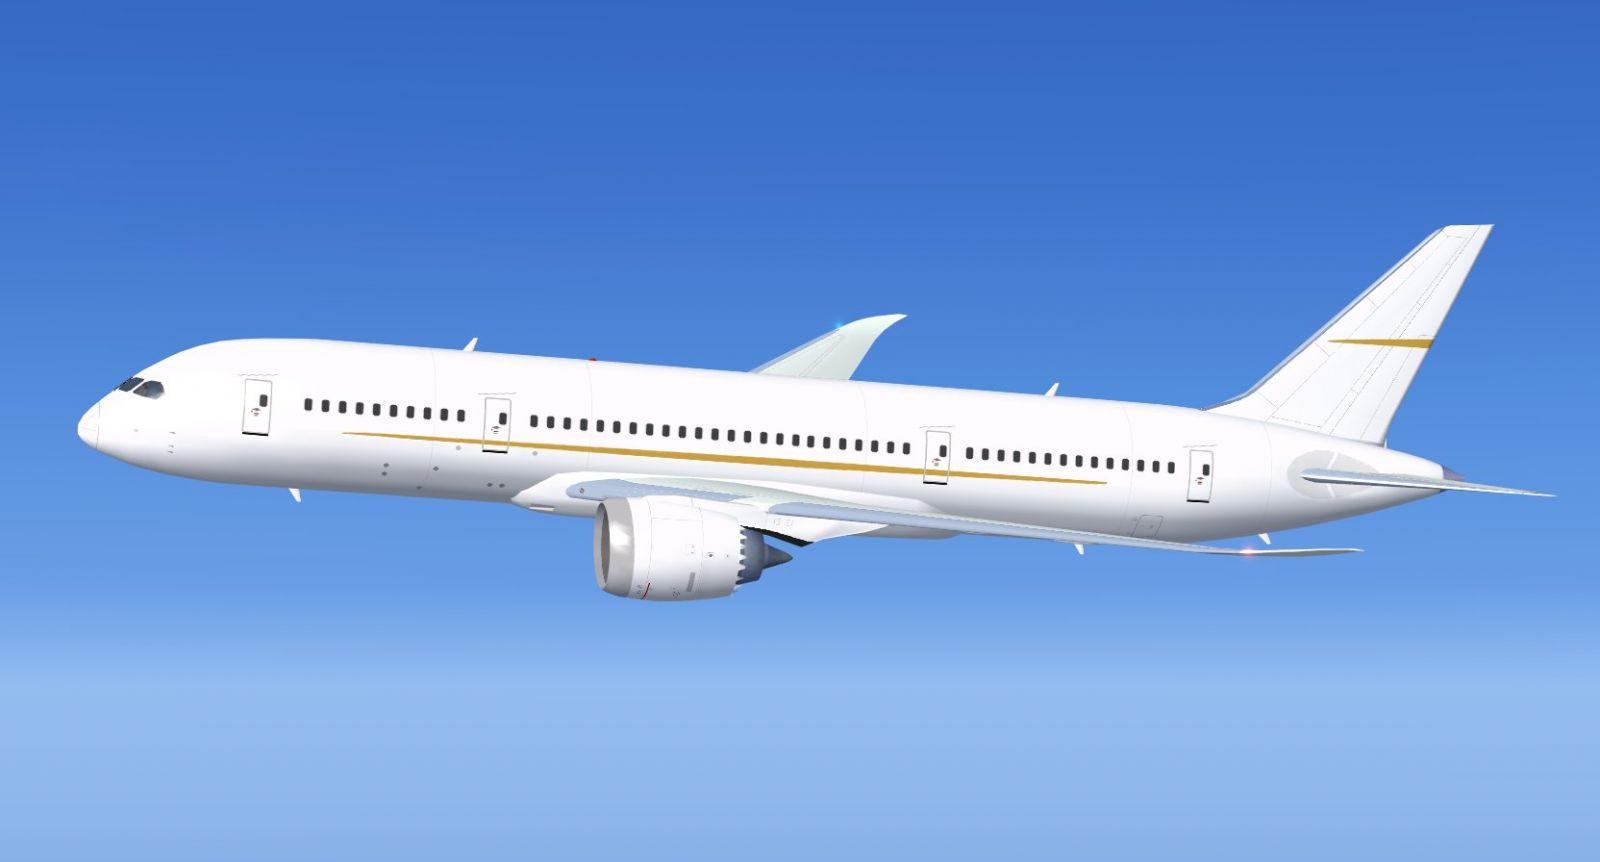 Boeing Business Jet Fsx 2017 Ototrends Net